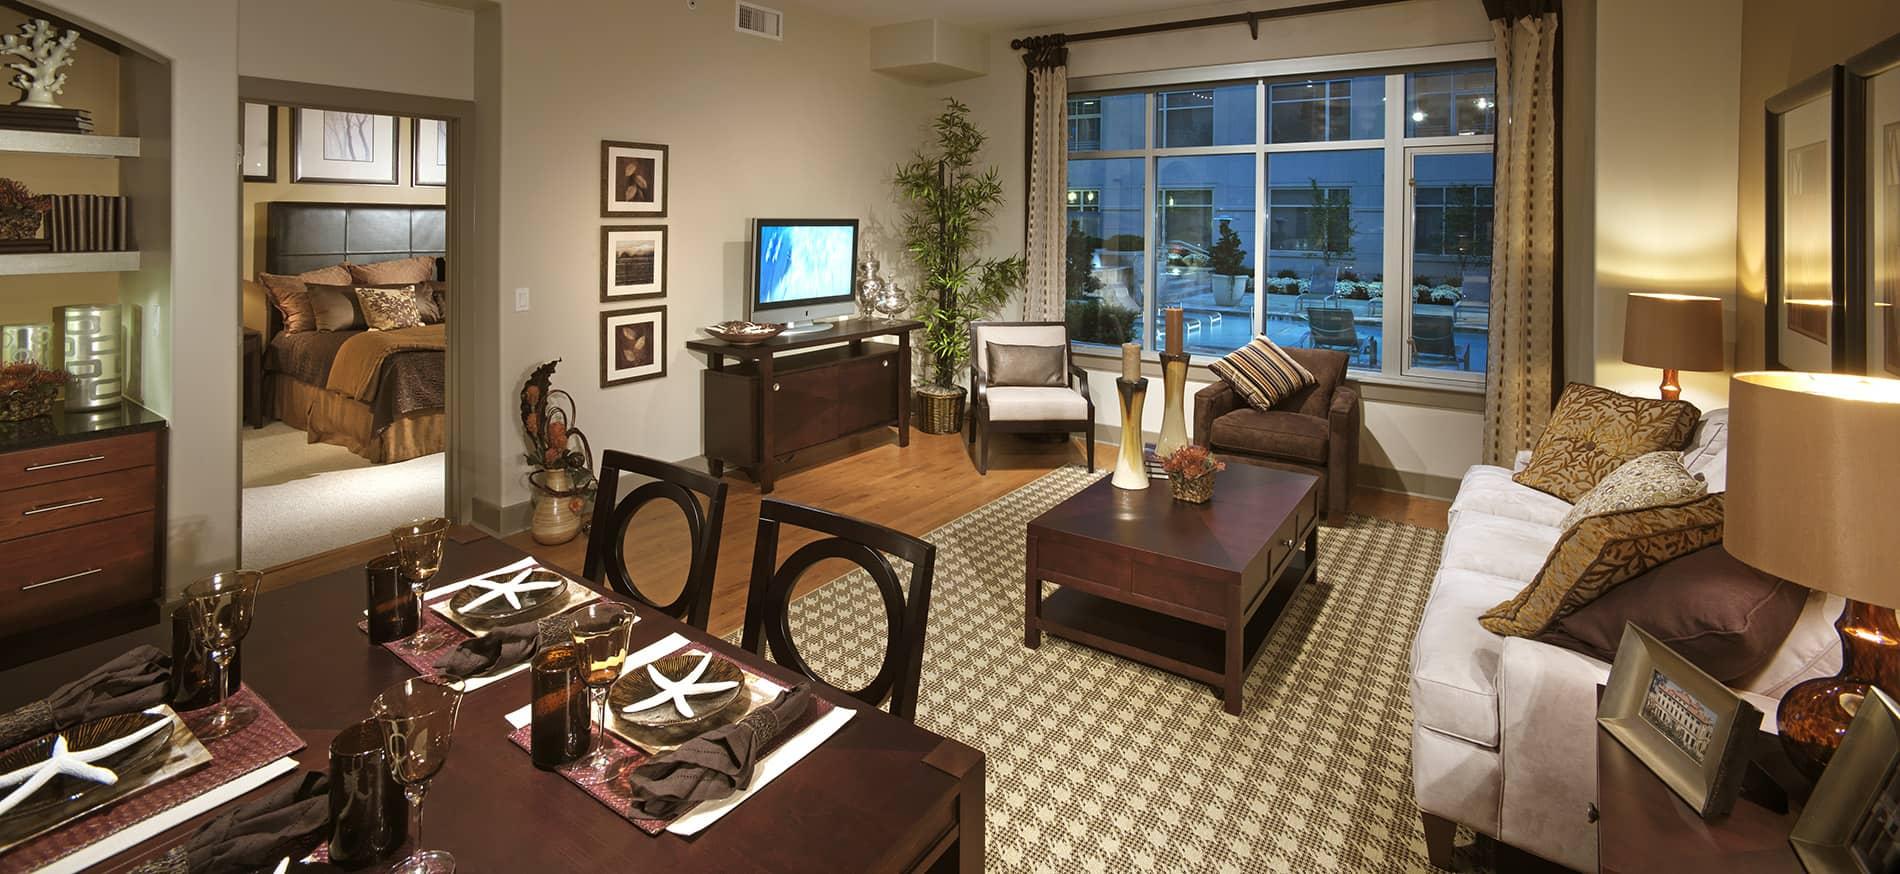 Domus Living Room